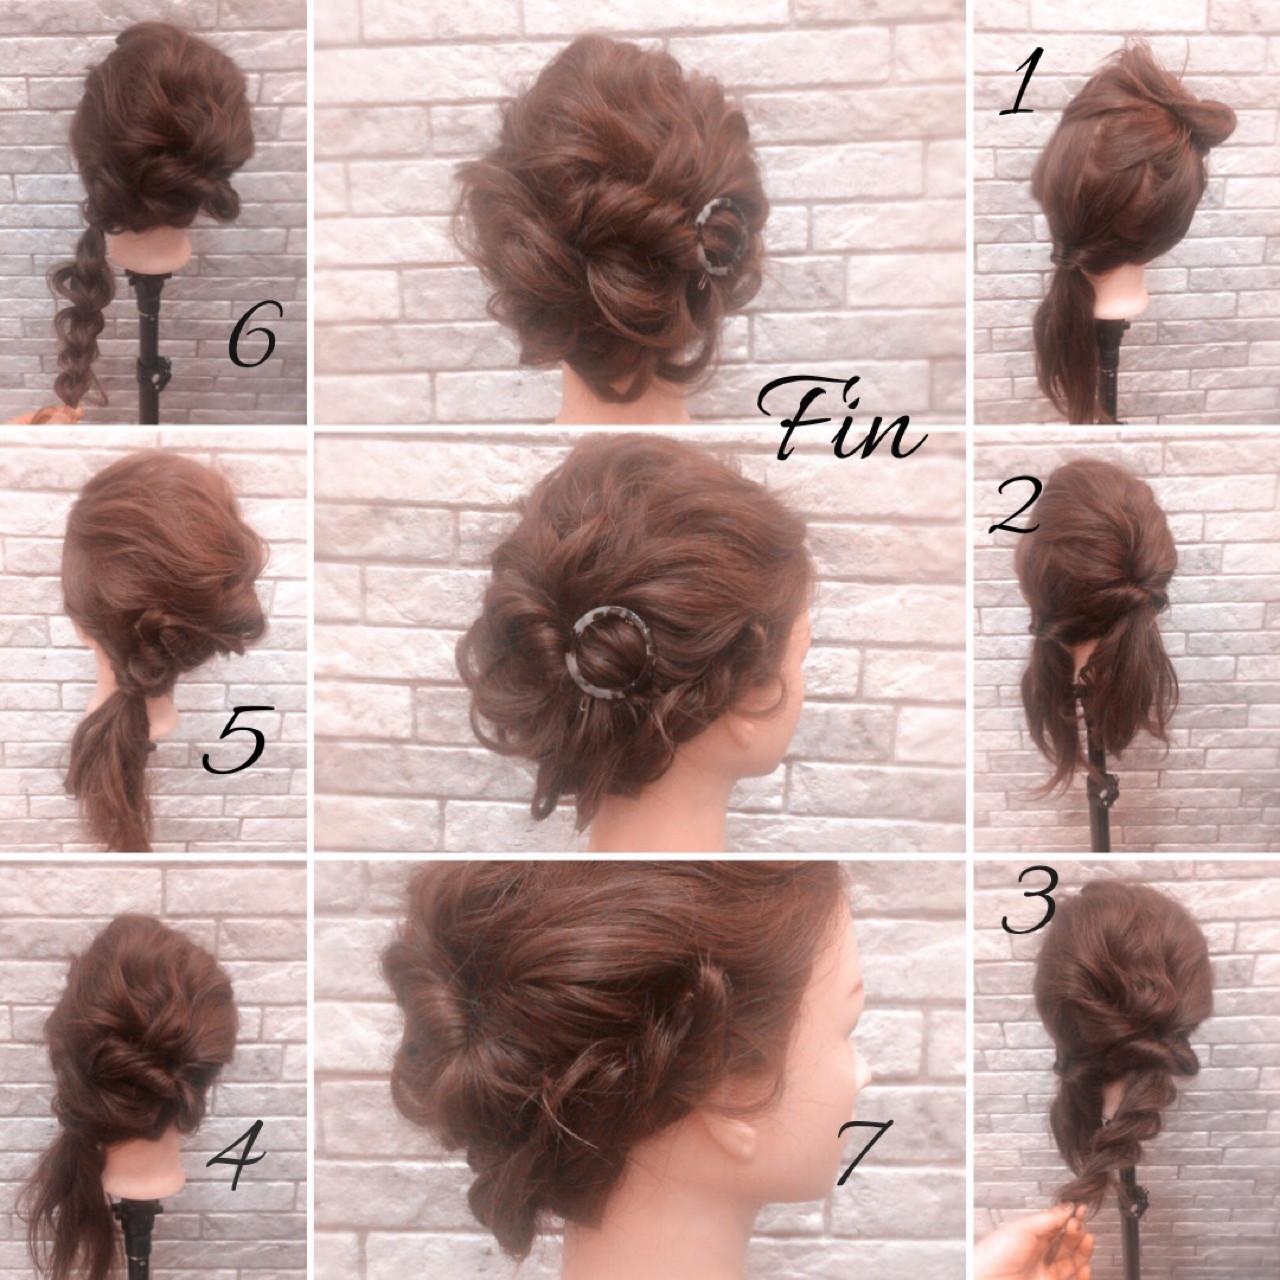 ミディアム ブライダル 結婚式 デートヘアスタイルや髪型の写真・画像